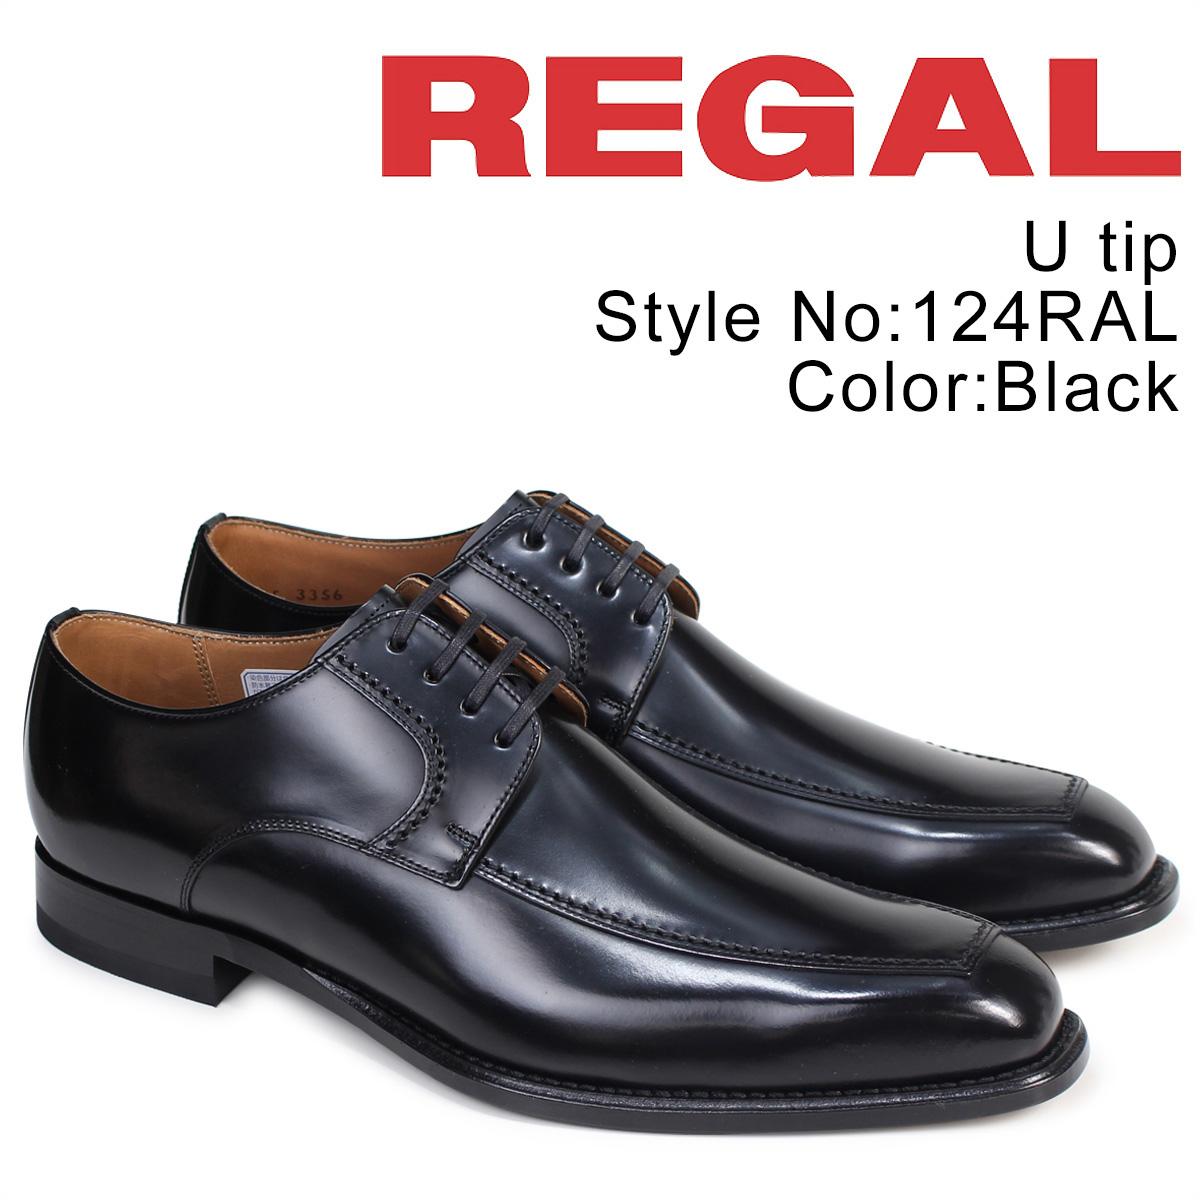 スクエアトゥ 靴 ビジネスシューズ ブラック リーガル REGAL 124RAL メンズ 追加入荷] [9/12